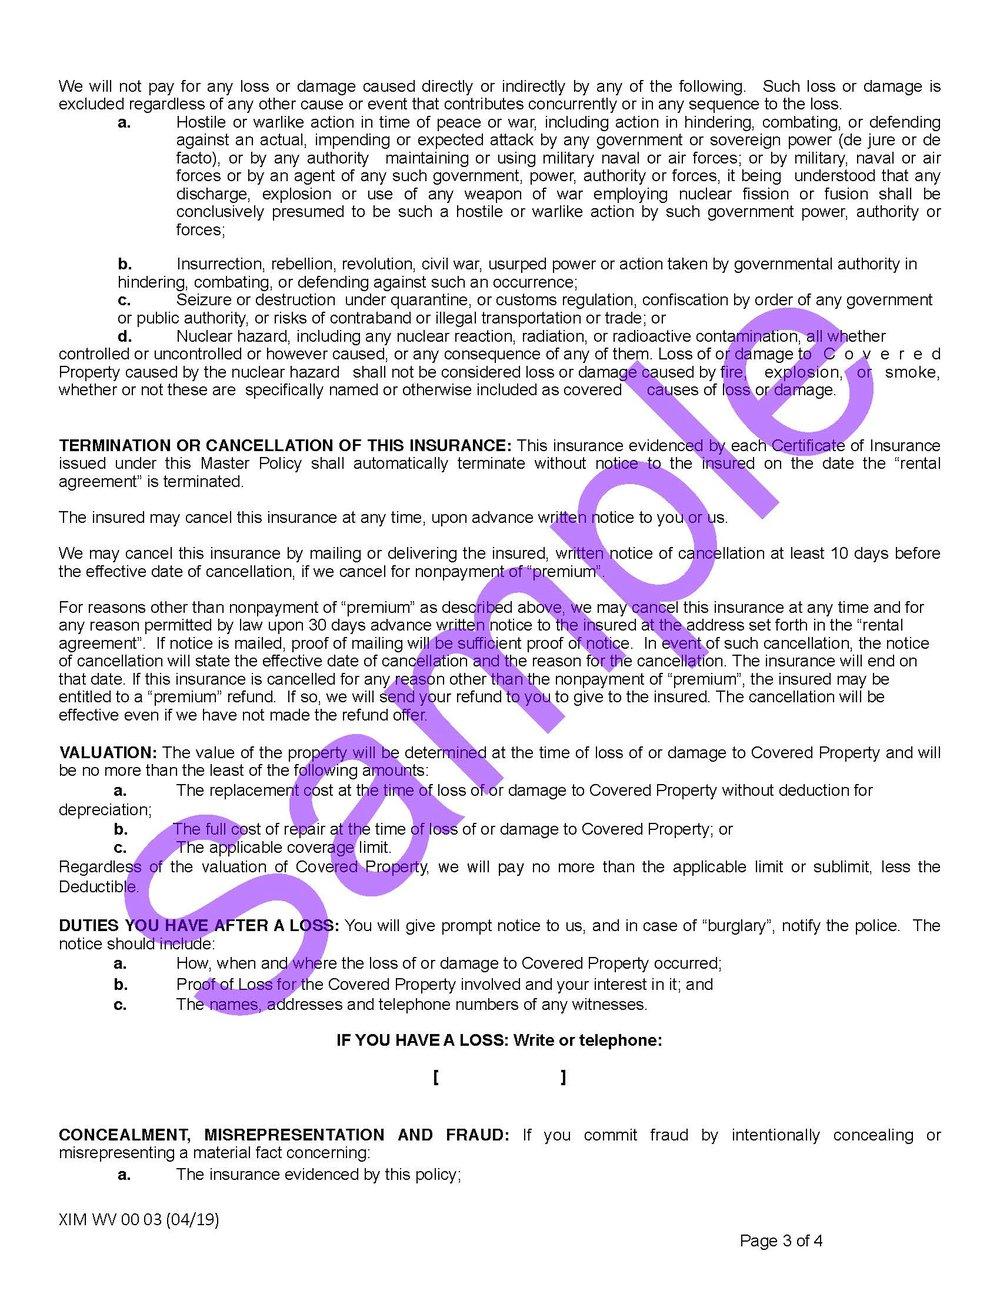 XIM WV 00 03 04 19 West Virginia Certificate of InsuranceSample_Page_3.jpg